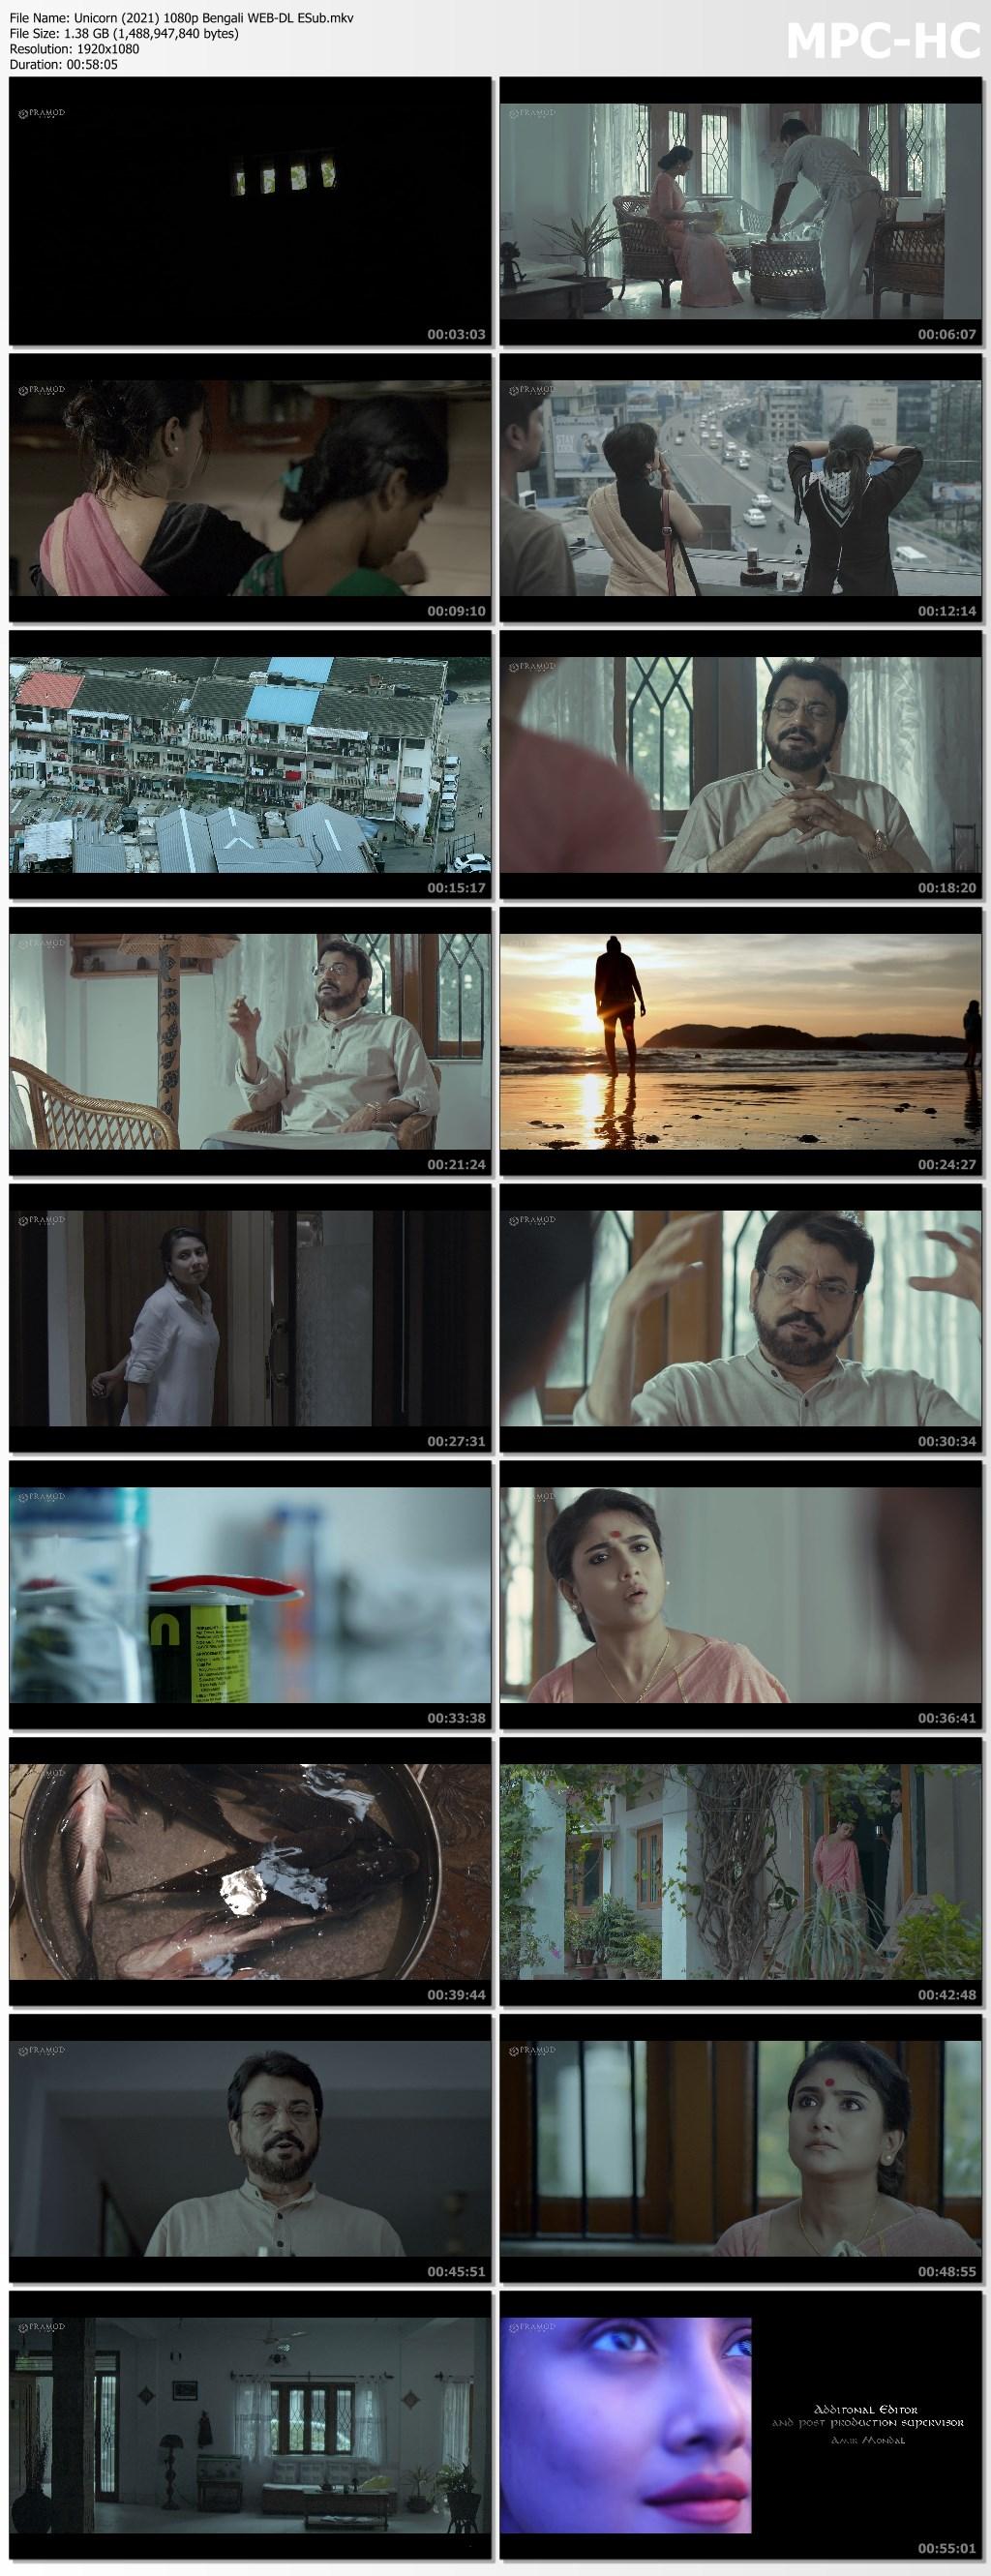 Unicorn (2021) 1080p Bengali WEB DL ESub.mkv thumbs